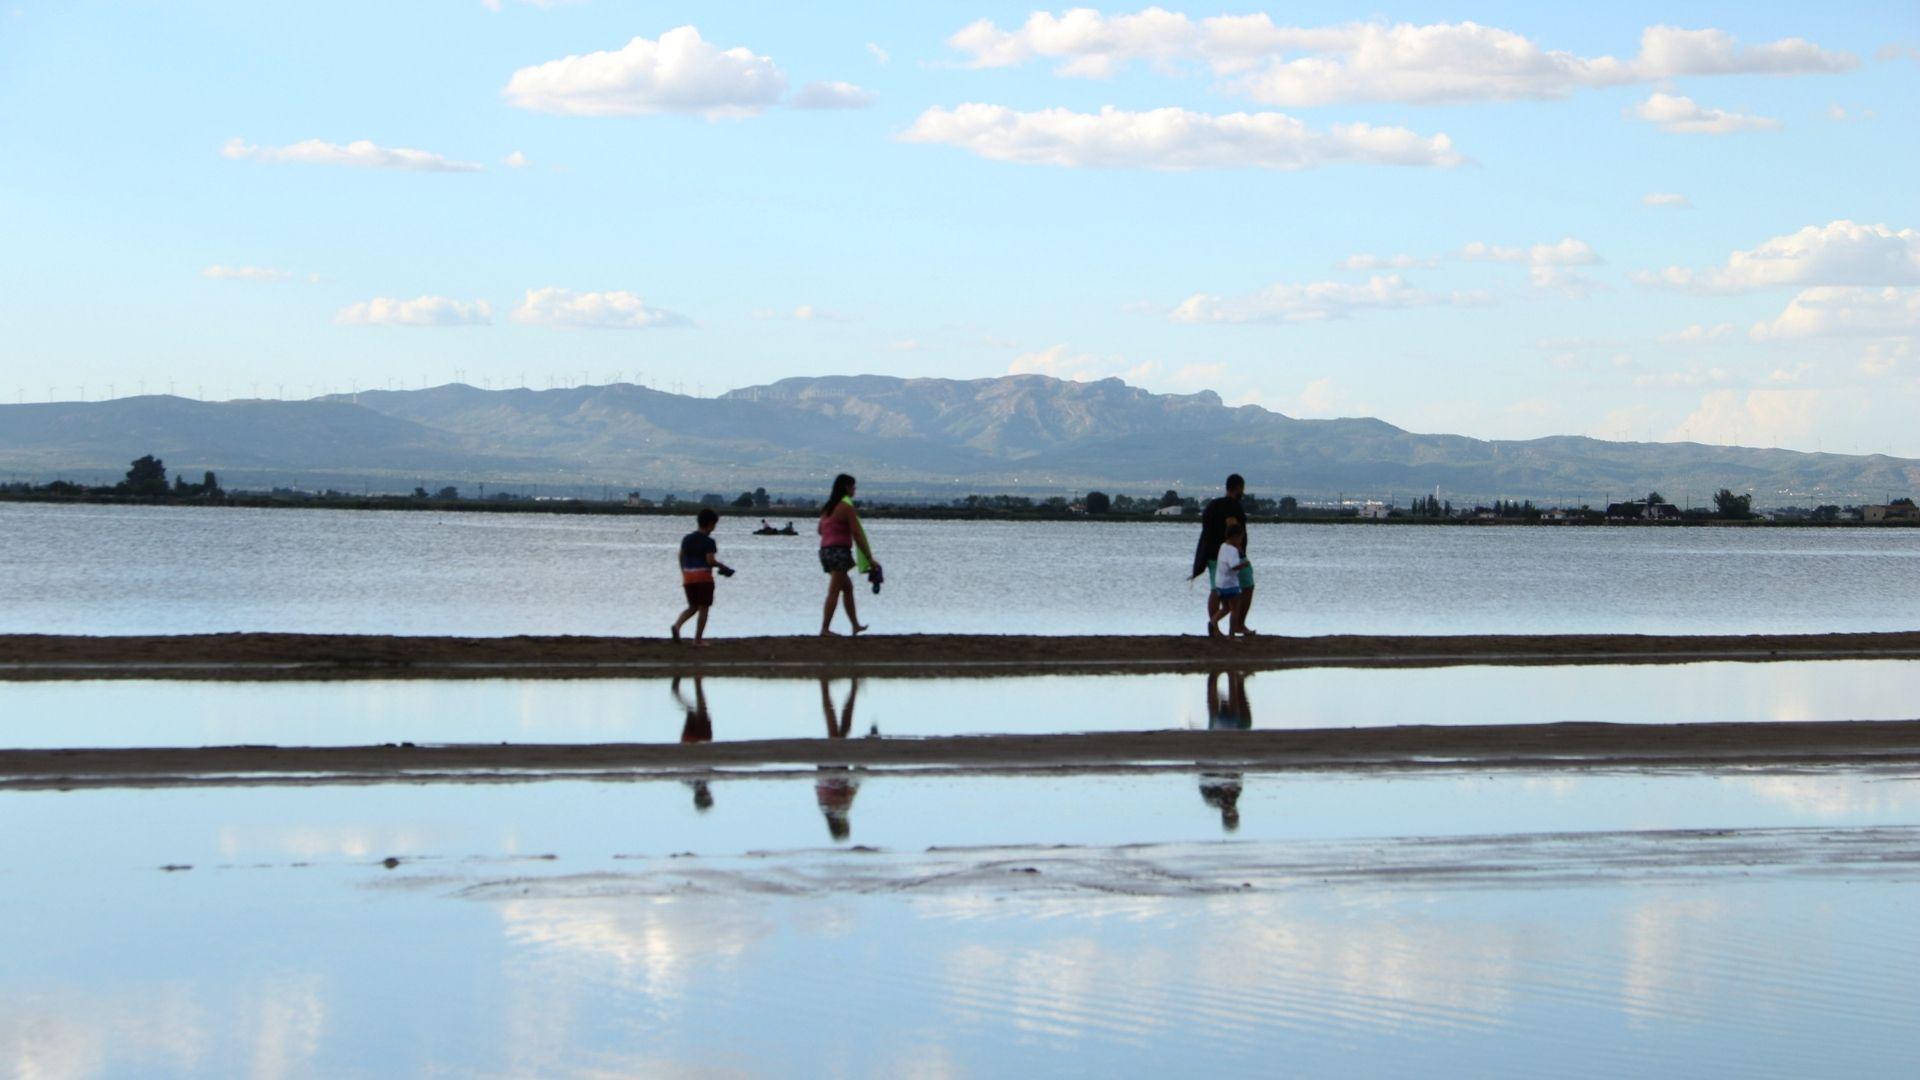 persones caminant per la platja barra del trabucador confinament comarcal